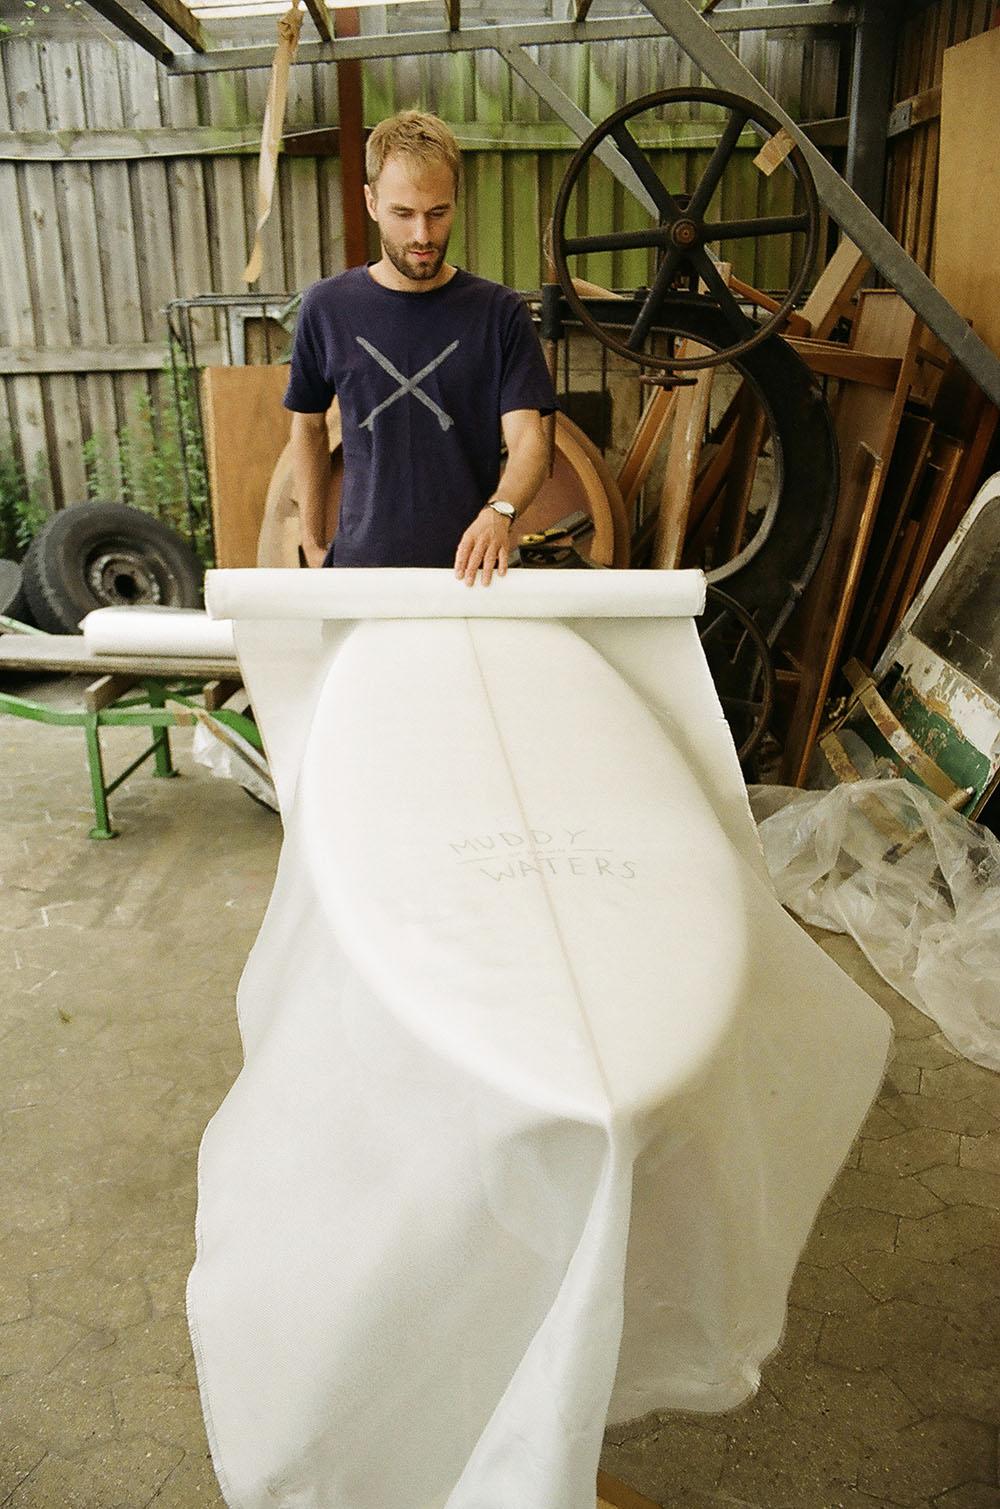 Simon Rosendal laying cloth. Photo: Mathias Rosendal